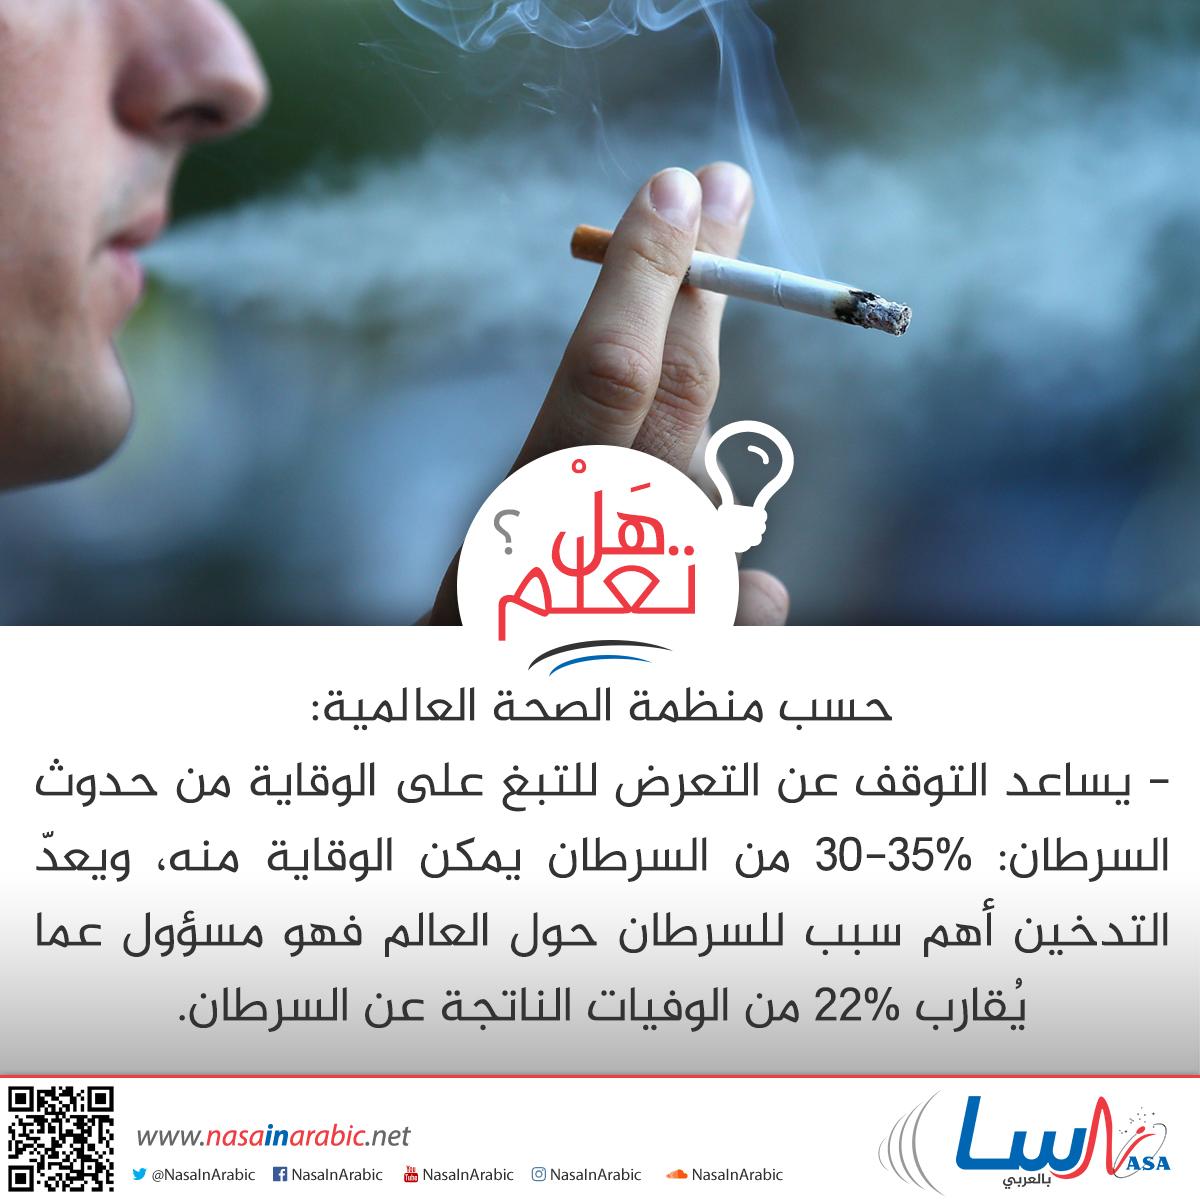 التدخين أهم سبب للسرطان